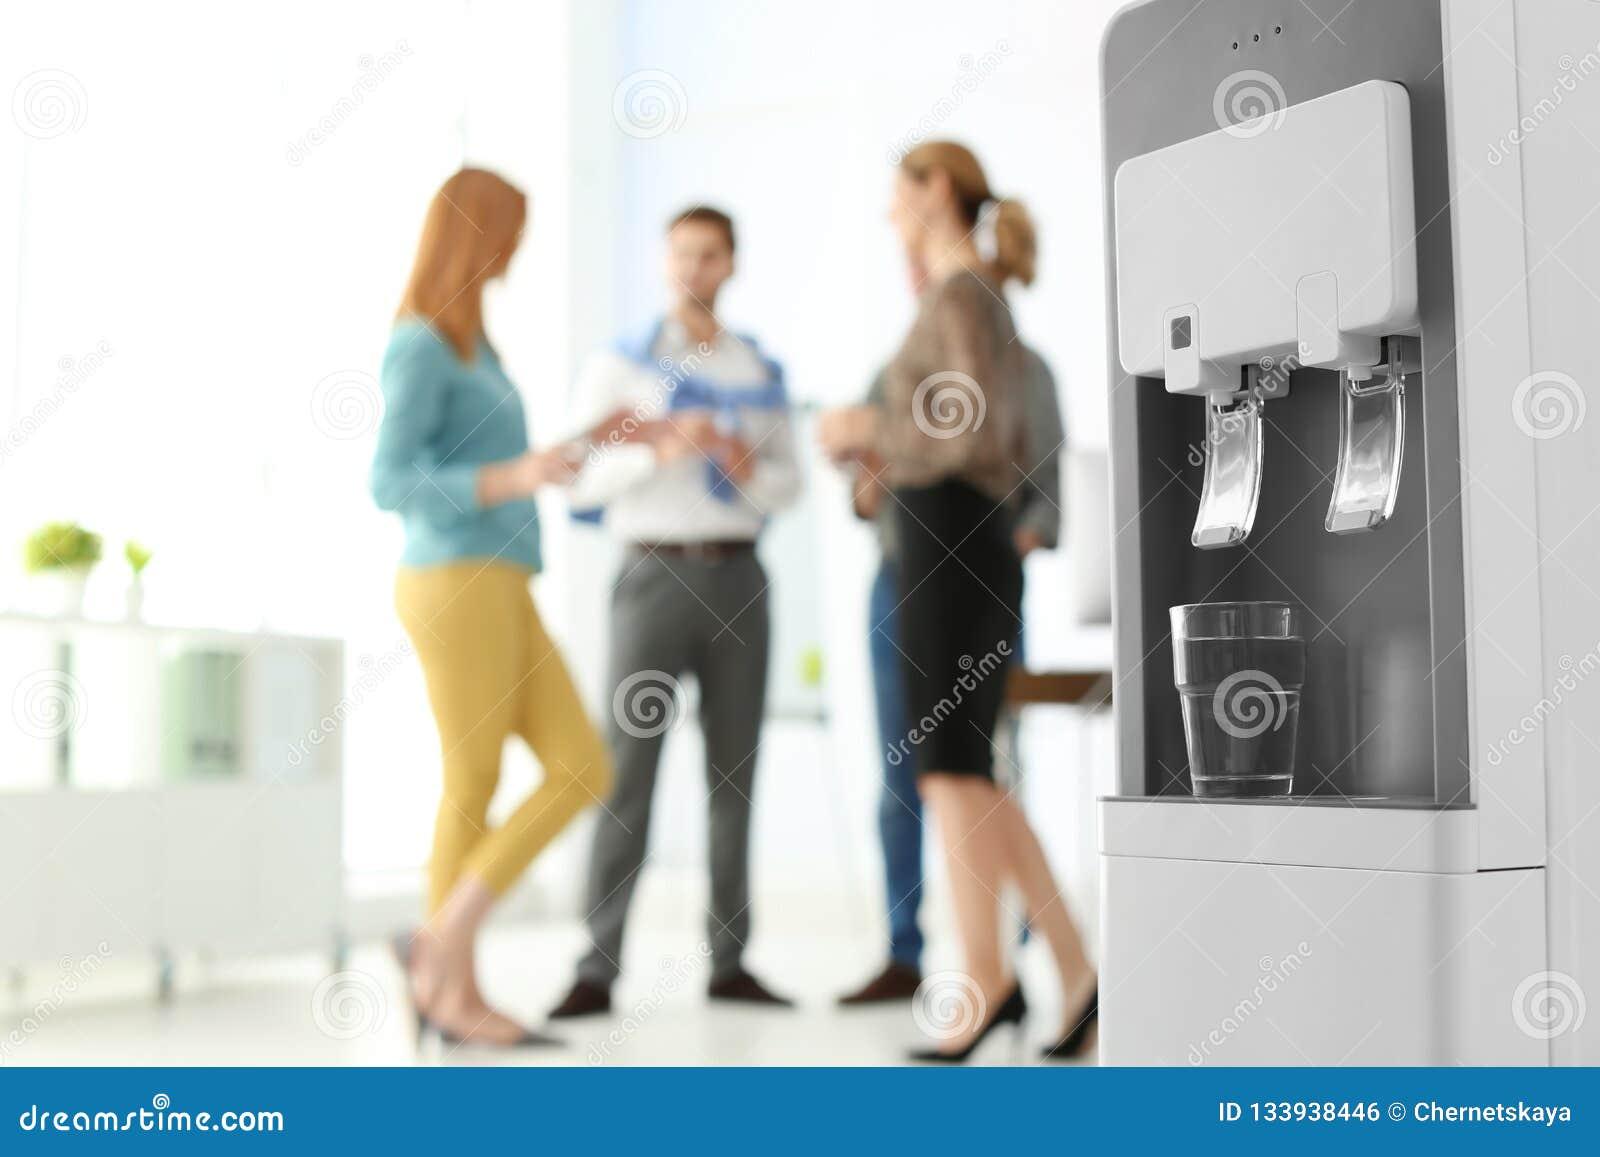 Refrigerador de agua moderno con los empleados de oficina de cristal y borrosos en fondo